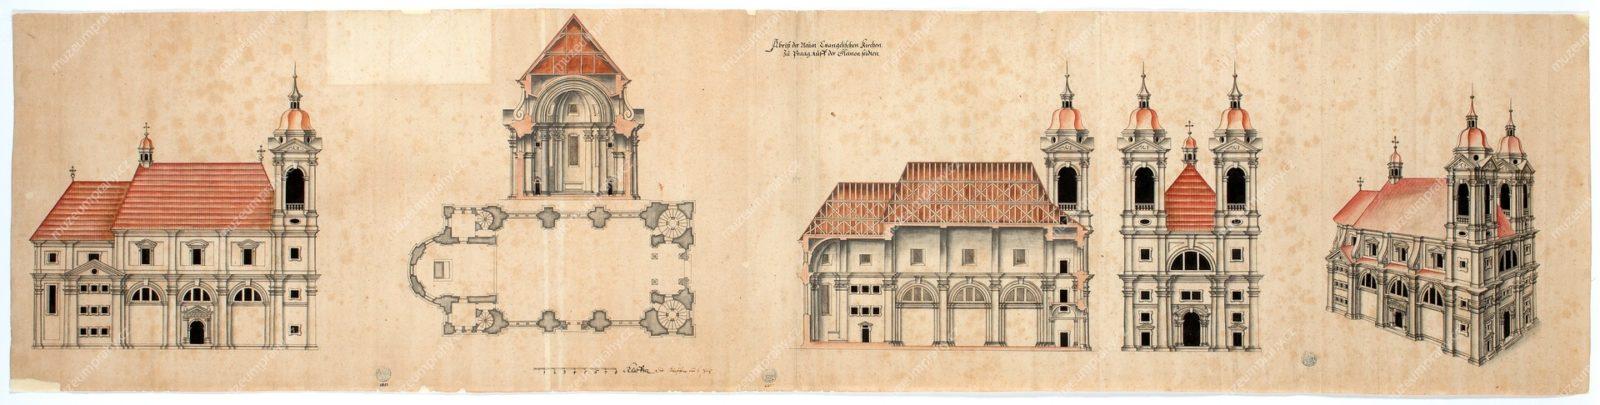 Návrh nového evangelického (luteránského) kostela Nejsvětější Trojice v Praze na Malé Straně, později kostel bosých karmelitánů Panny Marie Vítězné, nesignováno, papír, kresba perem, 1611, MMP H 8.855